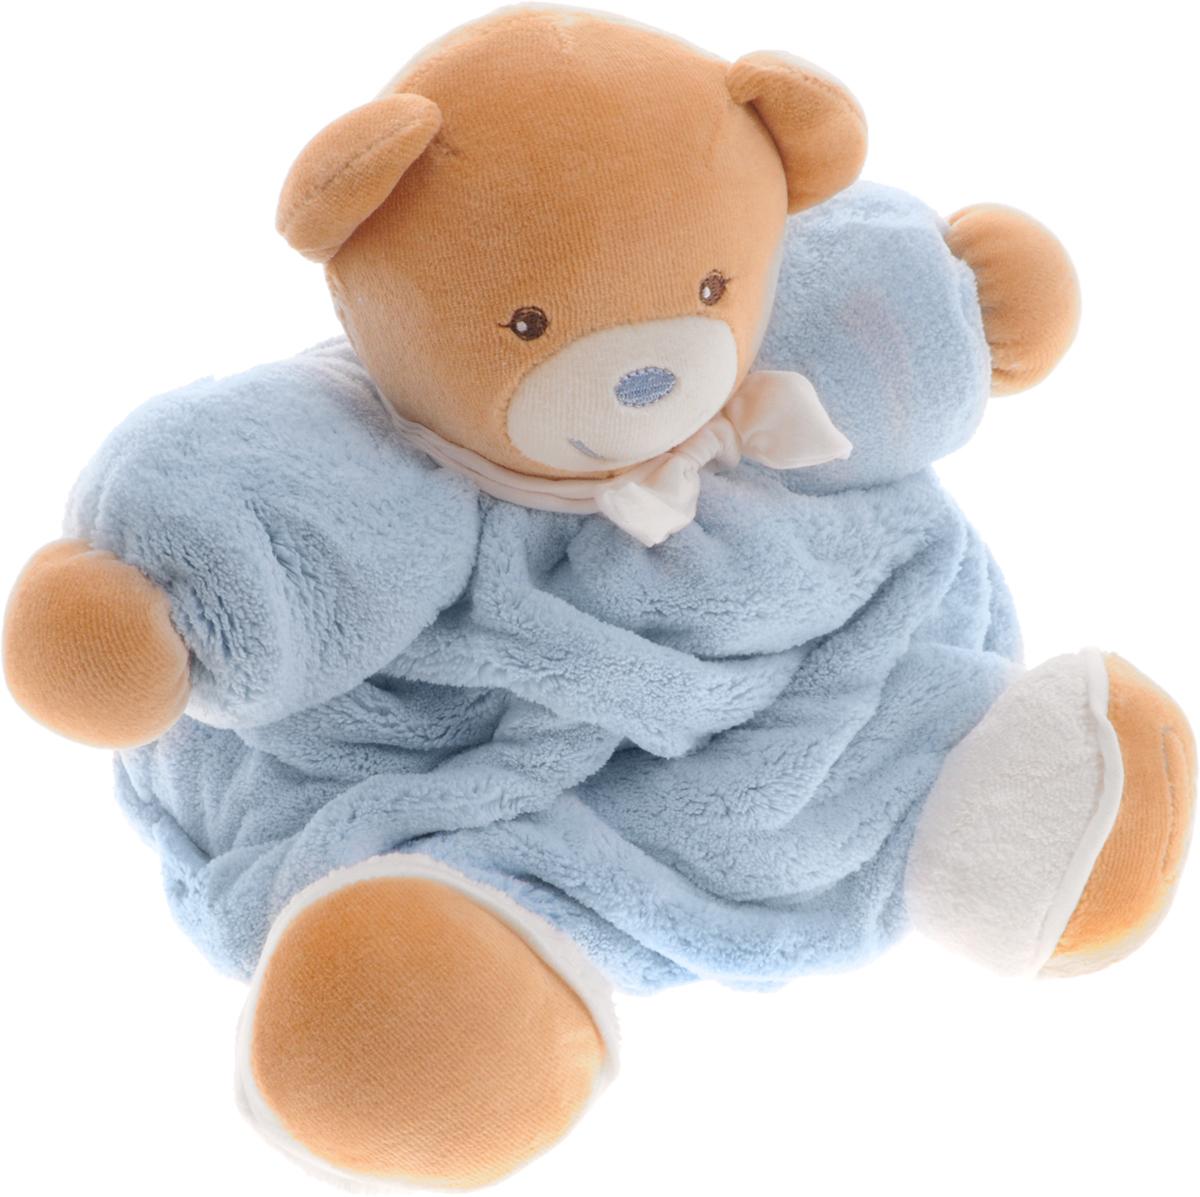 Kaloo Мягкая игрушка Мишка цвет голубой 22 смK969463Великолепный мягкий медвежонок голубого цвета Kaloo привлечет внимание малыша и надолго станет его постоянным спутником и любимой игрушкой. Игрушка выполнена из качественных и безопасных для здоровья детей материалов, которые не вызывают аллергии, приятны на ощупь и доставляют большое удовольствие во время игр. Игрушку приятно держать в руках, прижимать к себе и придумывать разнообразные игры. Игры с мягкими игрушками развивают тактильную чувствительность и сенсорное восприятие. Игрушка поставляется в стильной коробке и идеально подходит в качестве подарка.